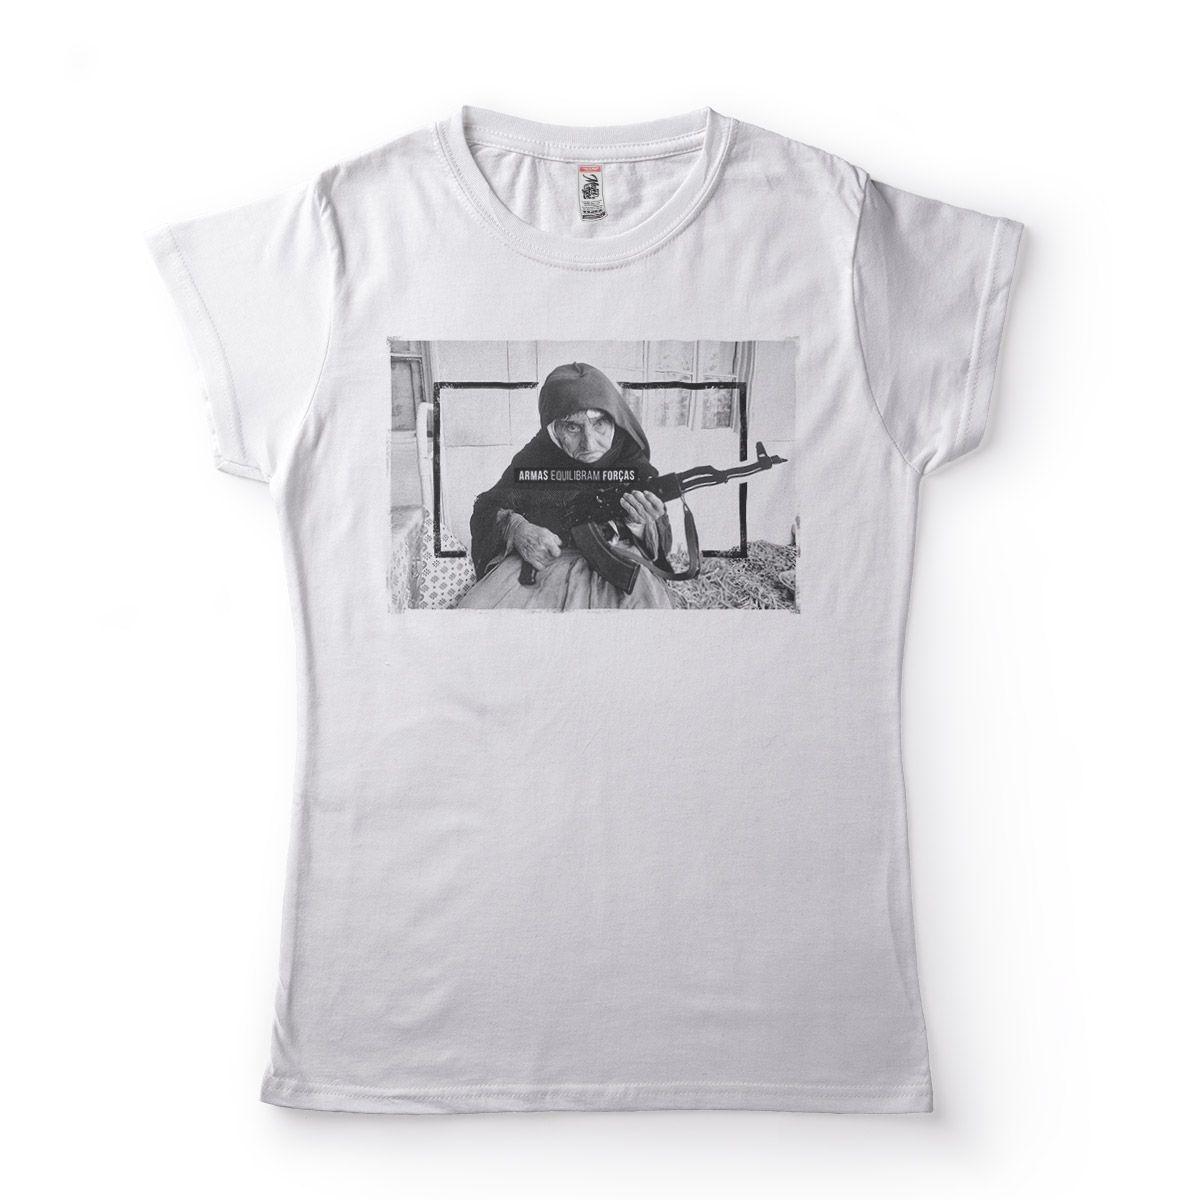 camisa freira com arma feminina  Branca